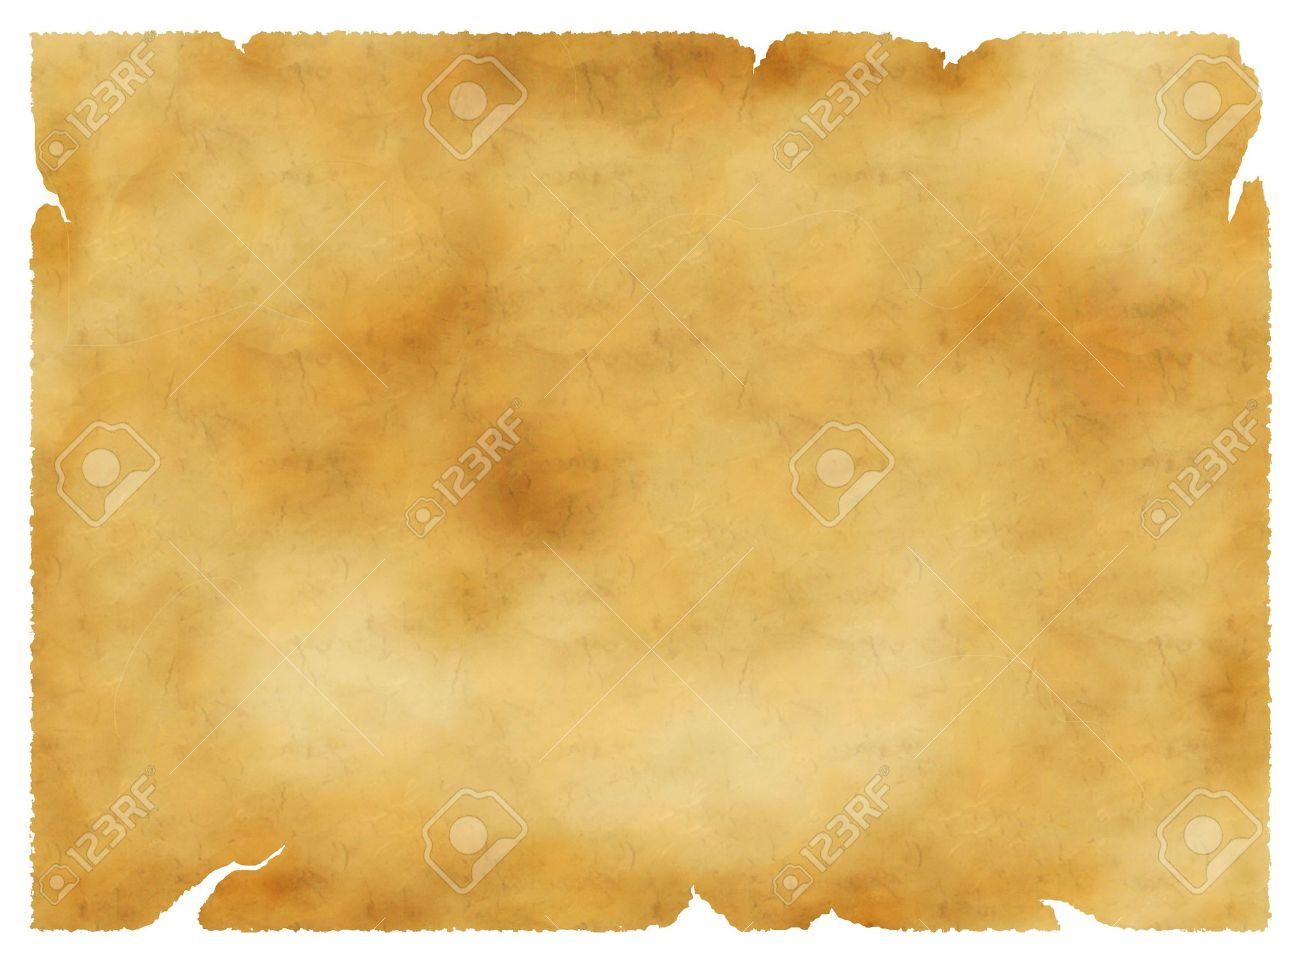 old parchment vintage background paper texture golden colors stock